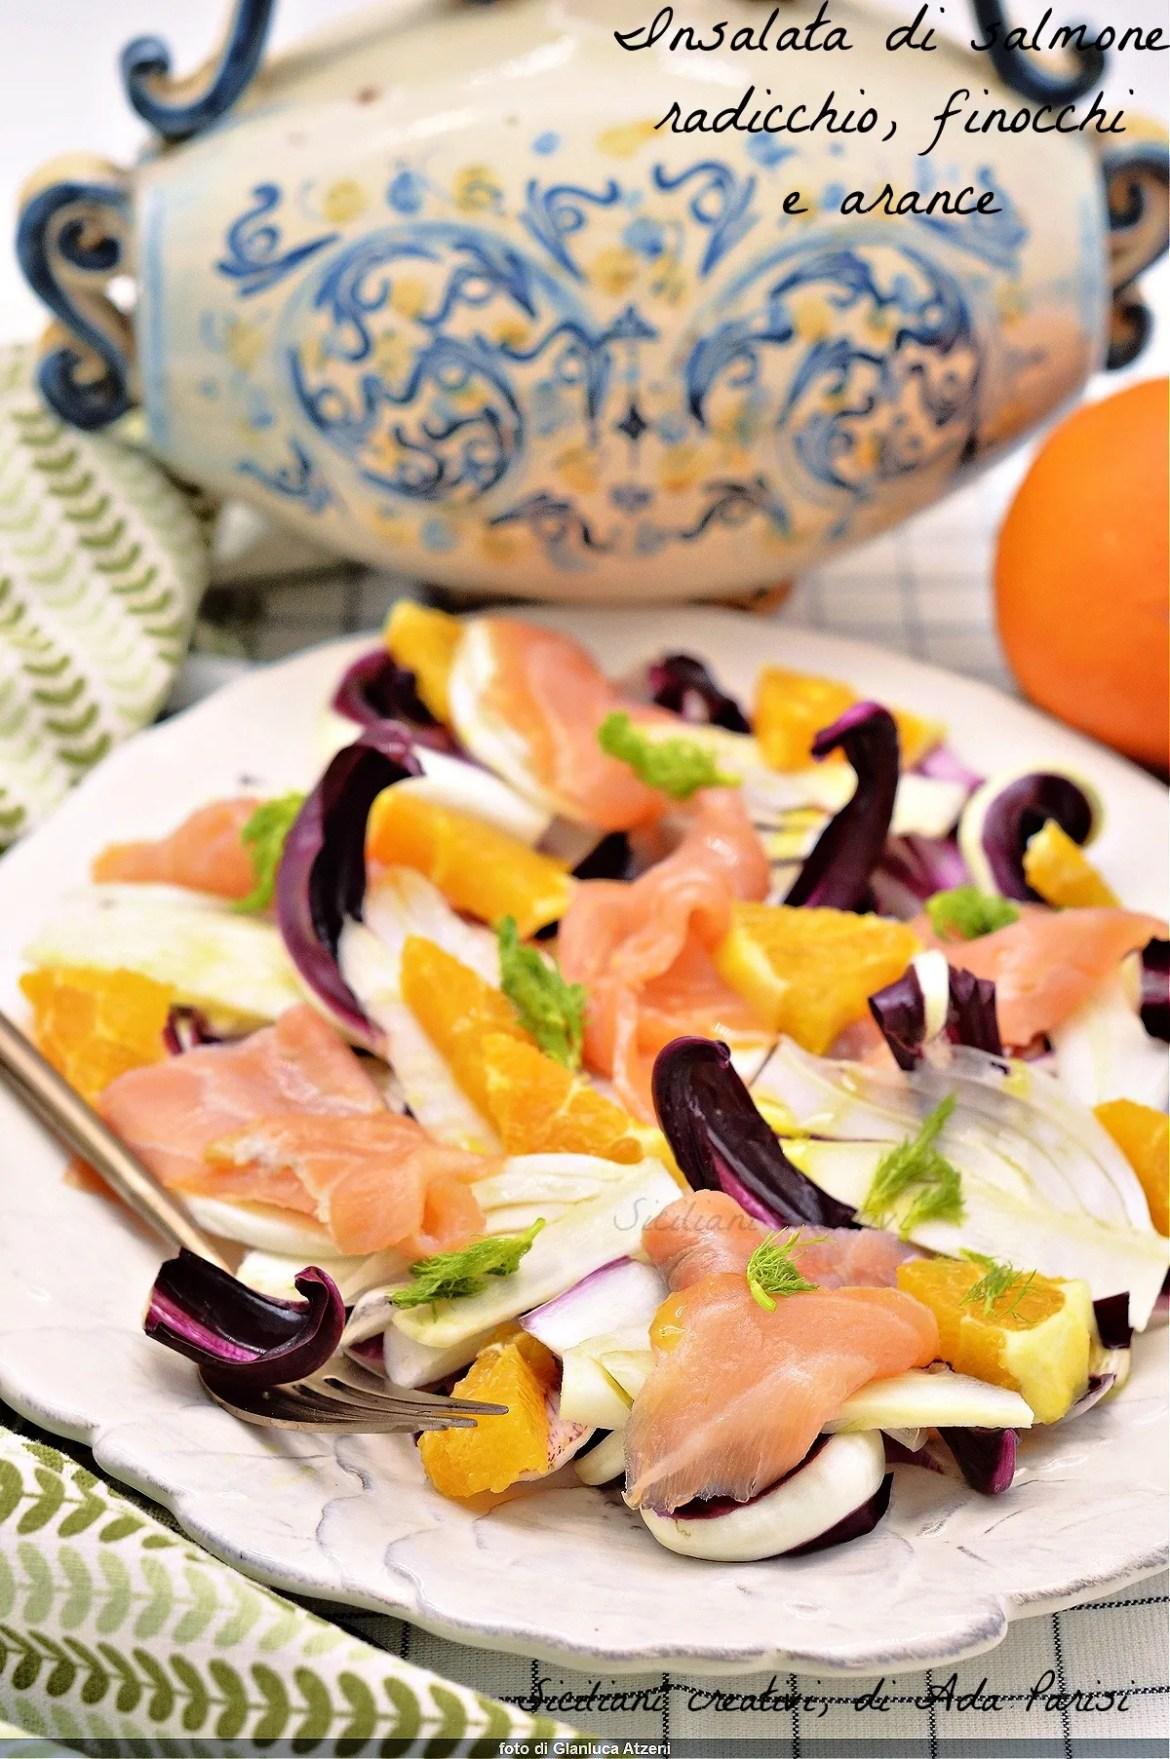 Insalata detox di salmone con finocchi arance e radicchio